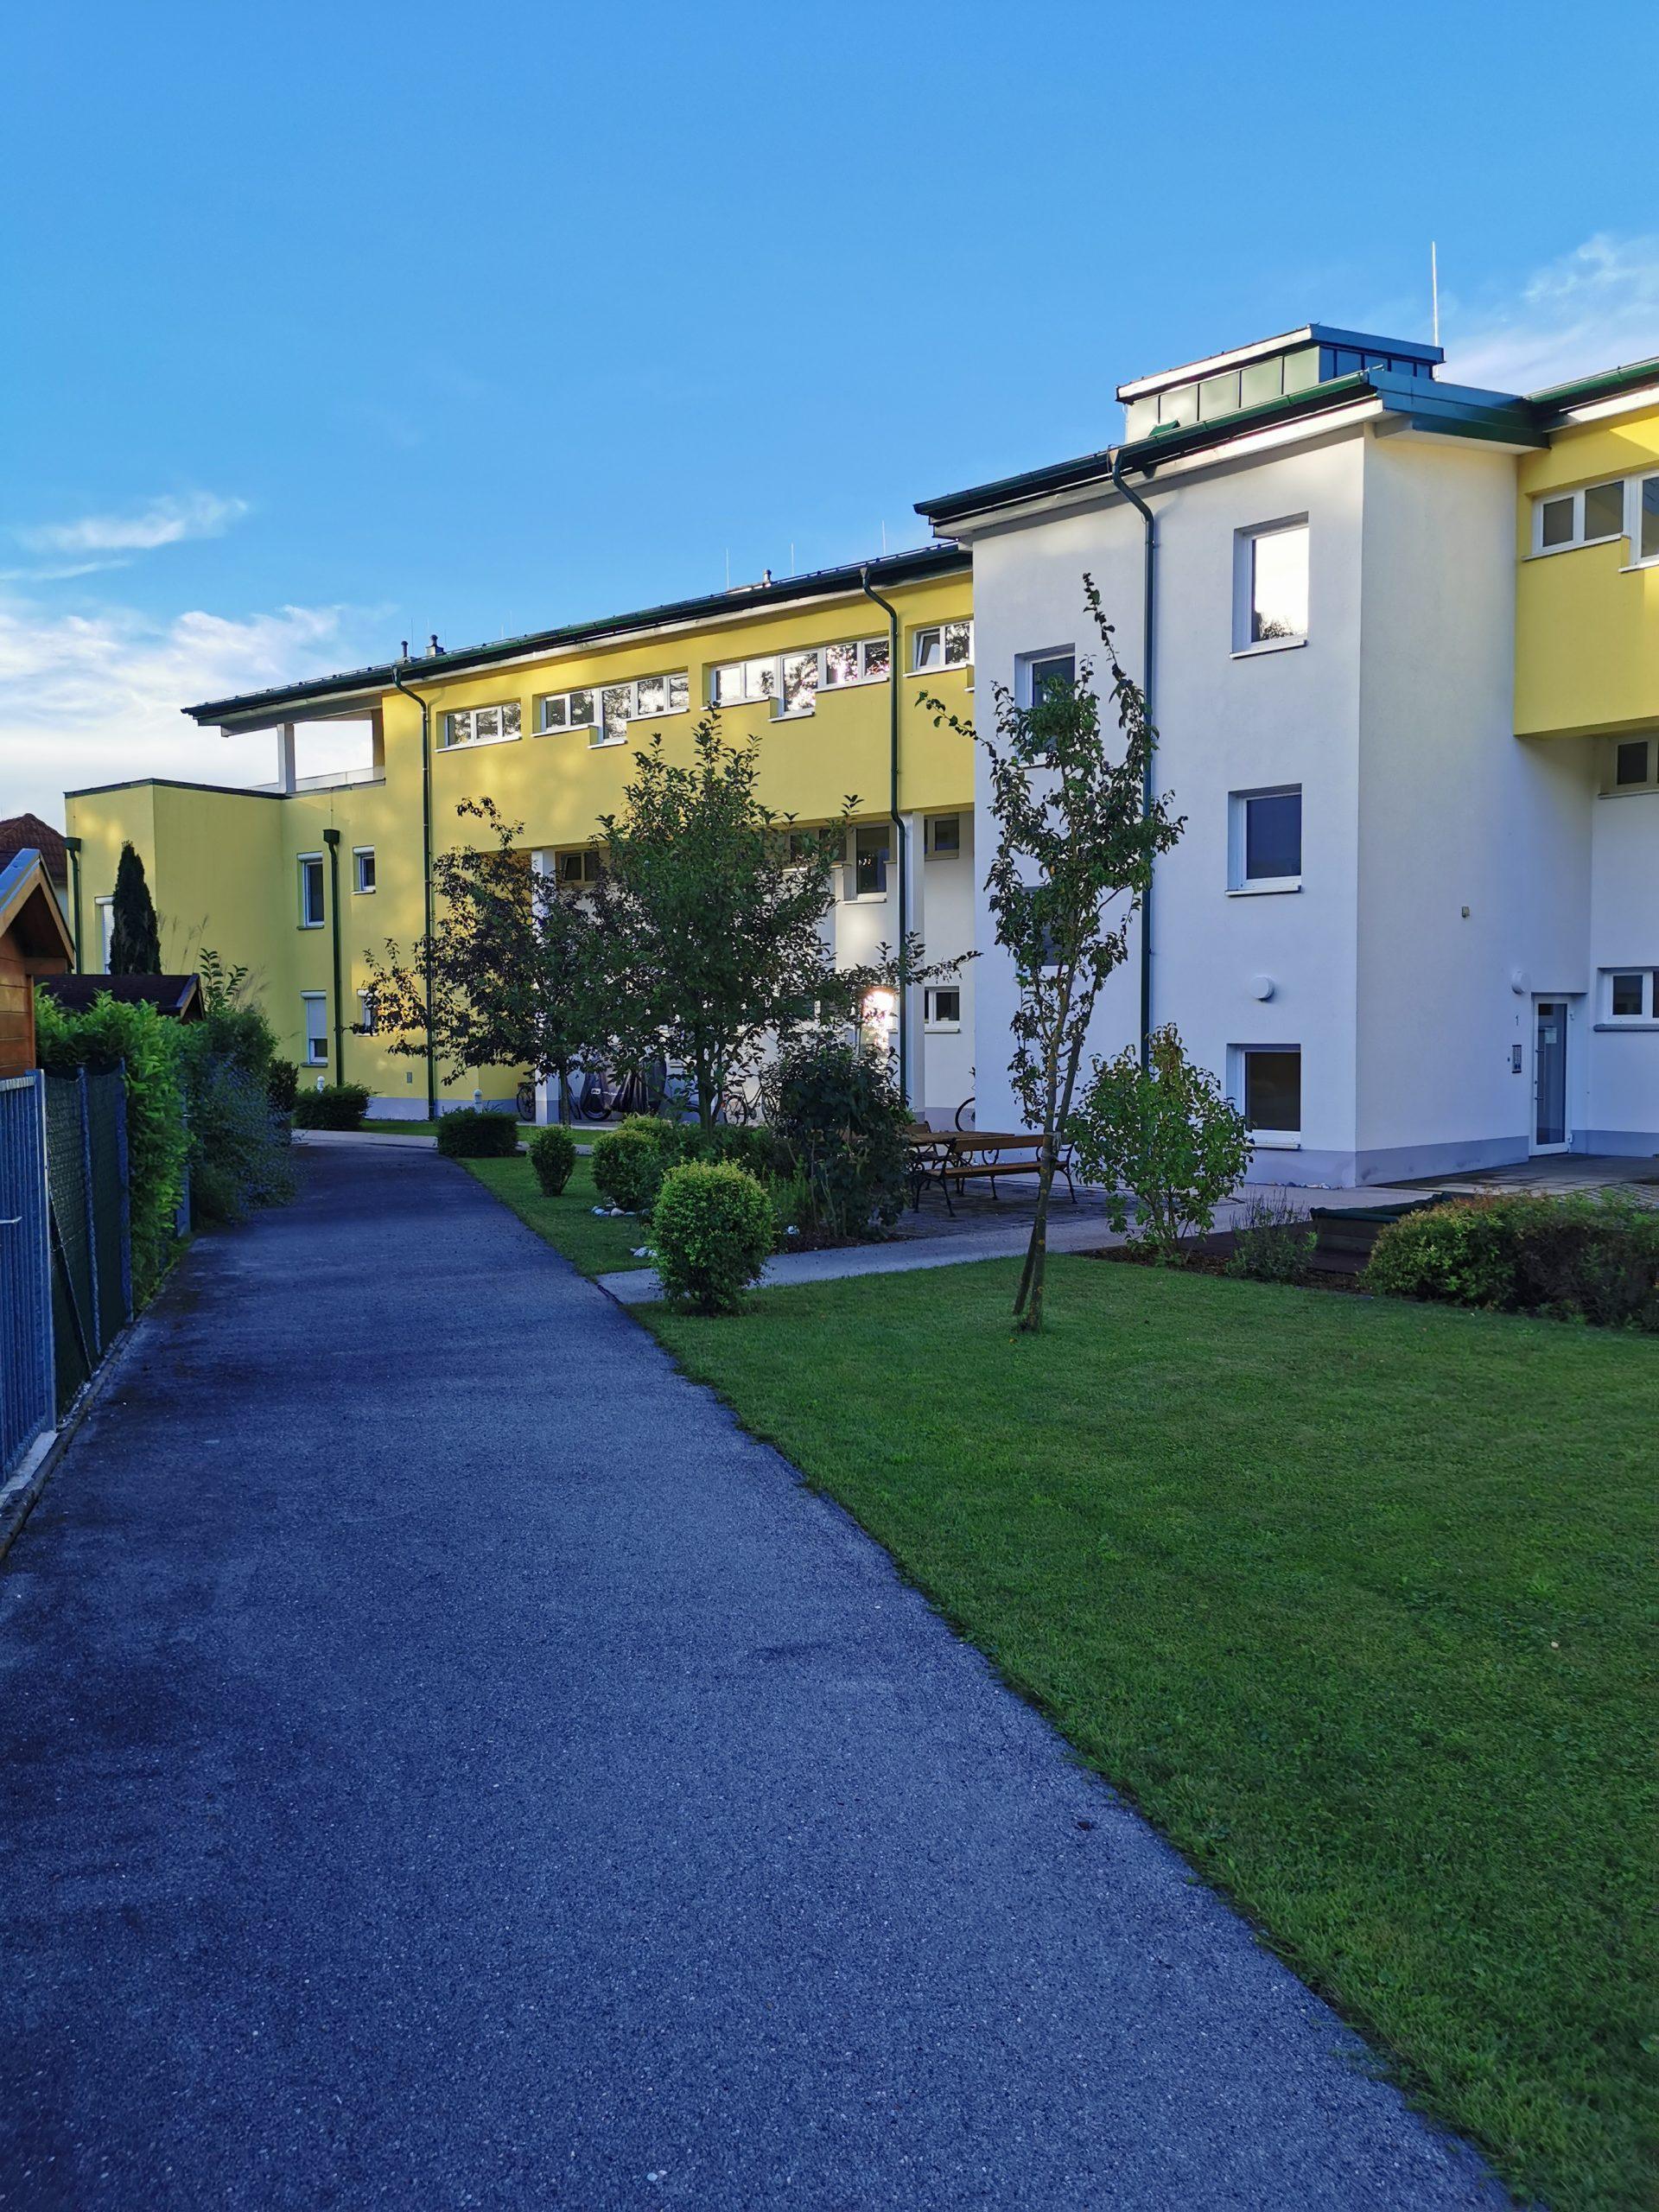 Immobilie von Kamptal in 3701 Großweikersdorf, Tulln, Großweikersdorf I/2 - Top 17 #2